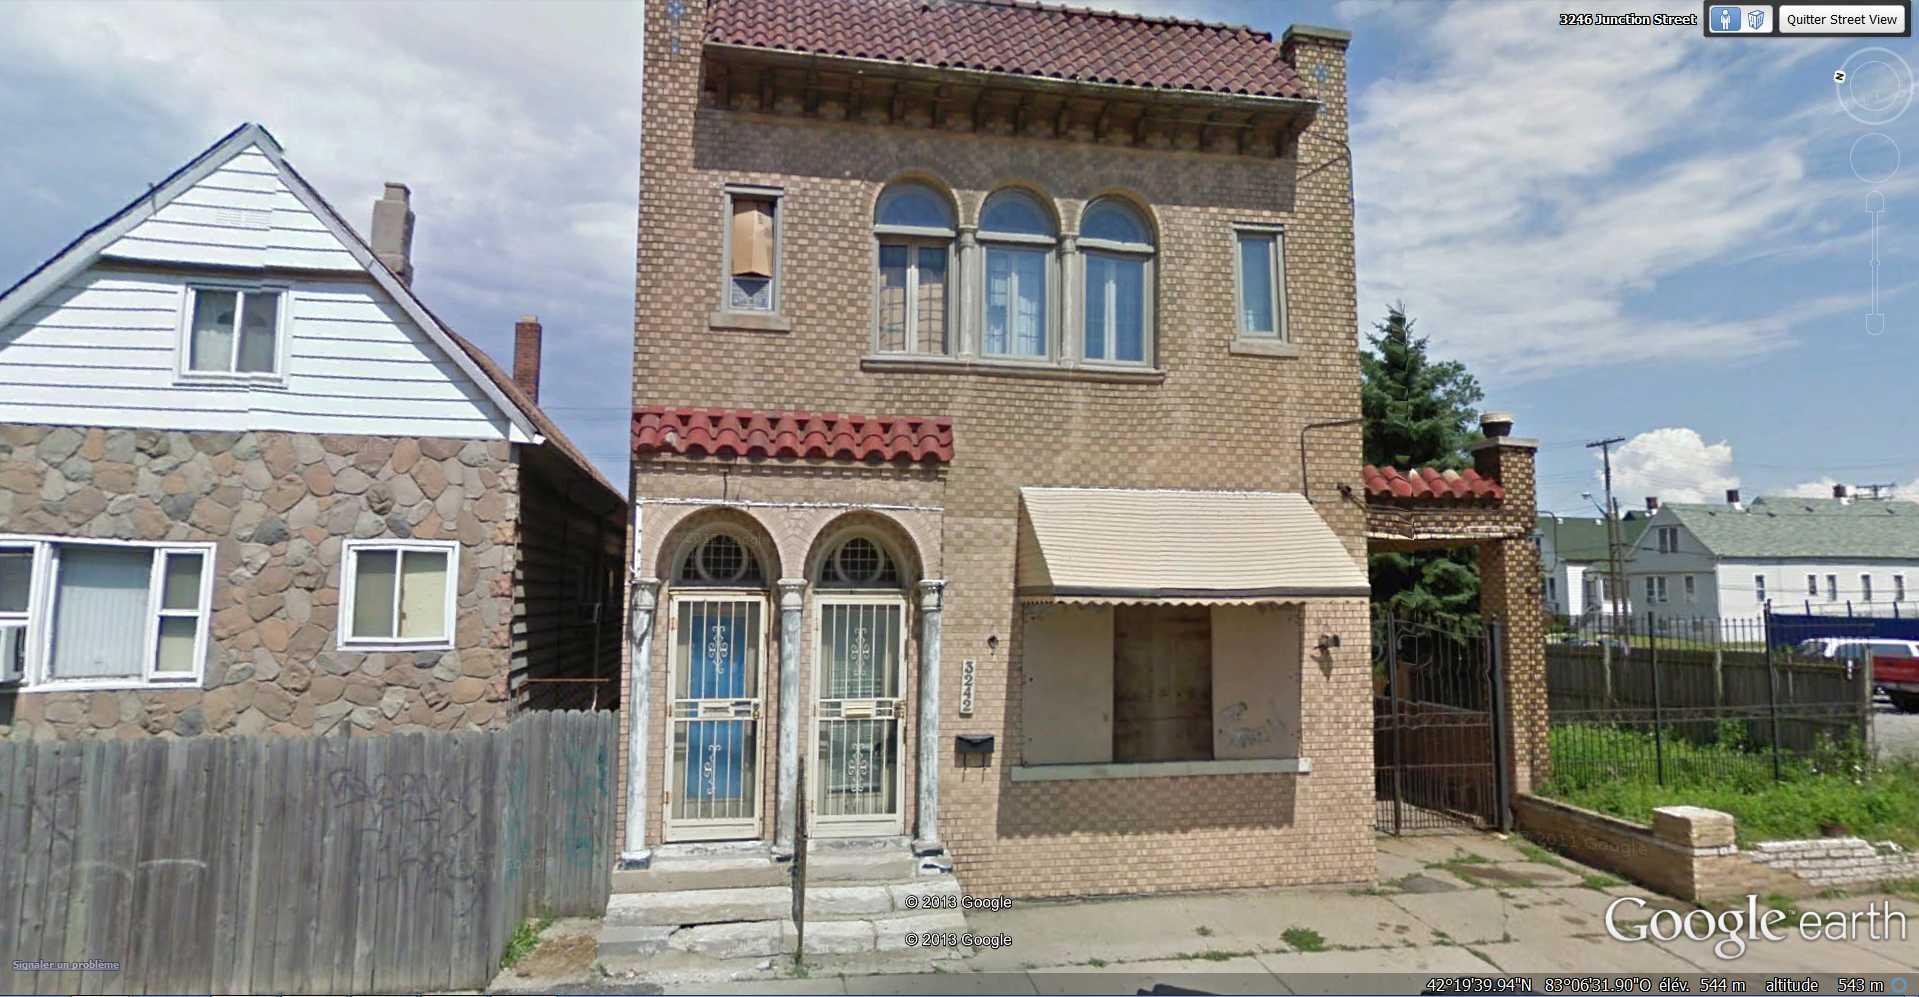 Street View : Deux portes, une maison - Détroit - USA 2013-121